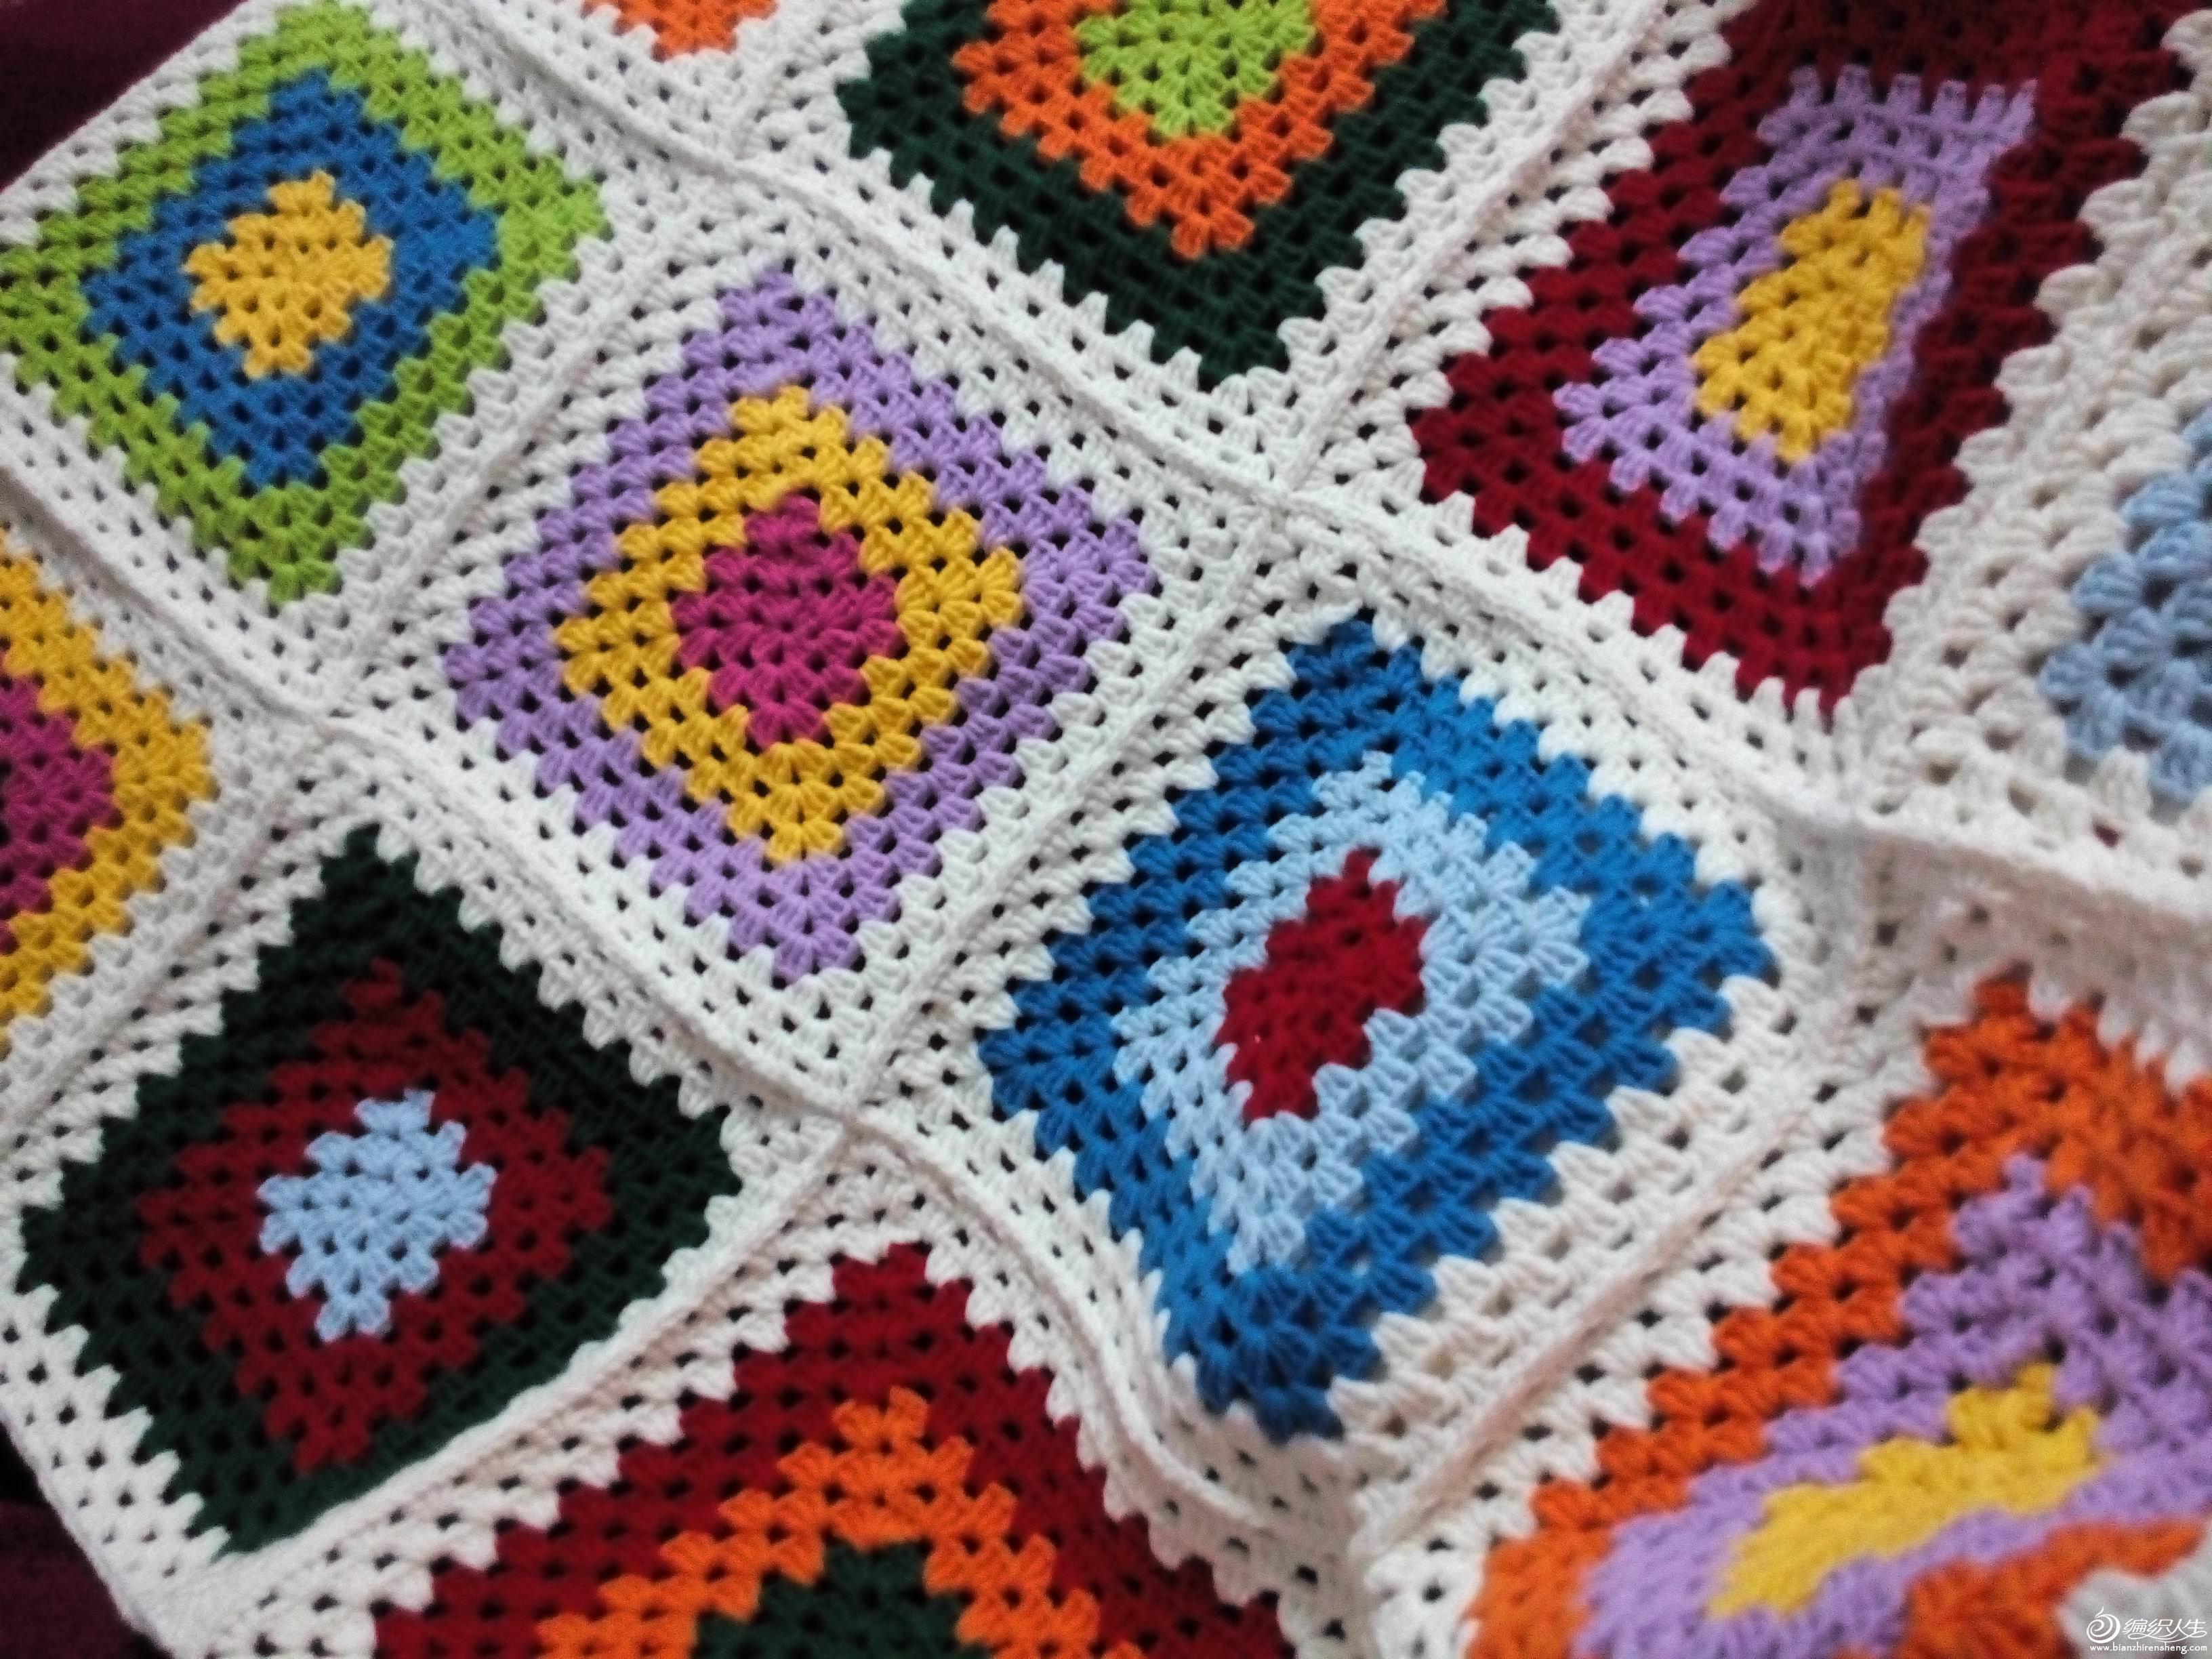 钩针编织--抱枕篇_钩针编织作品秀_编织人生论坛